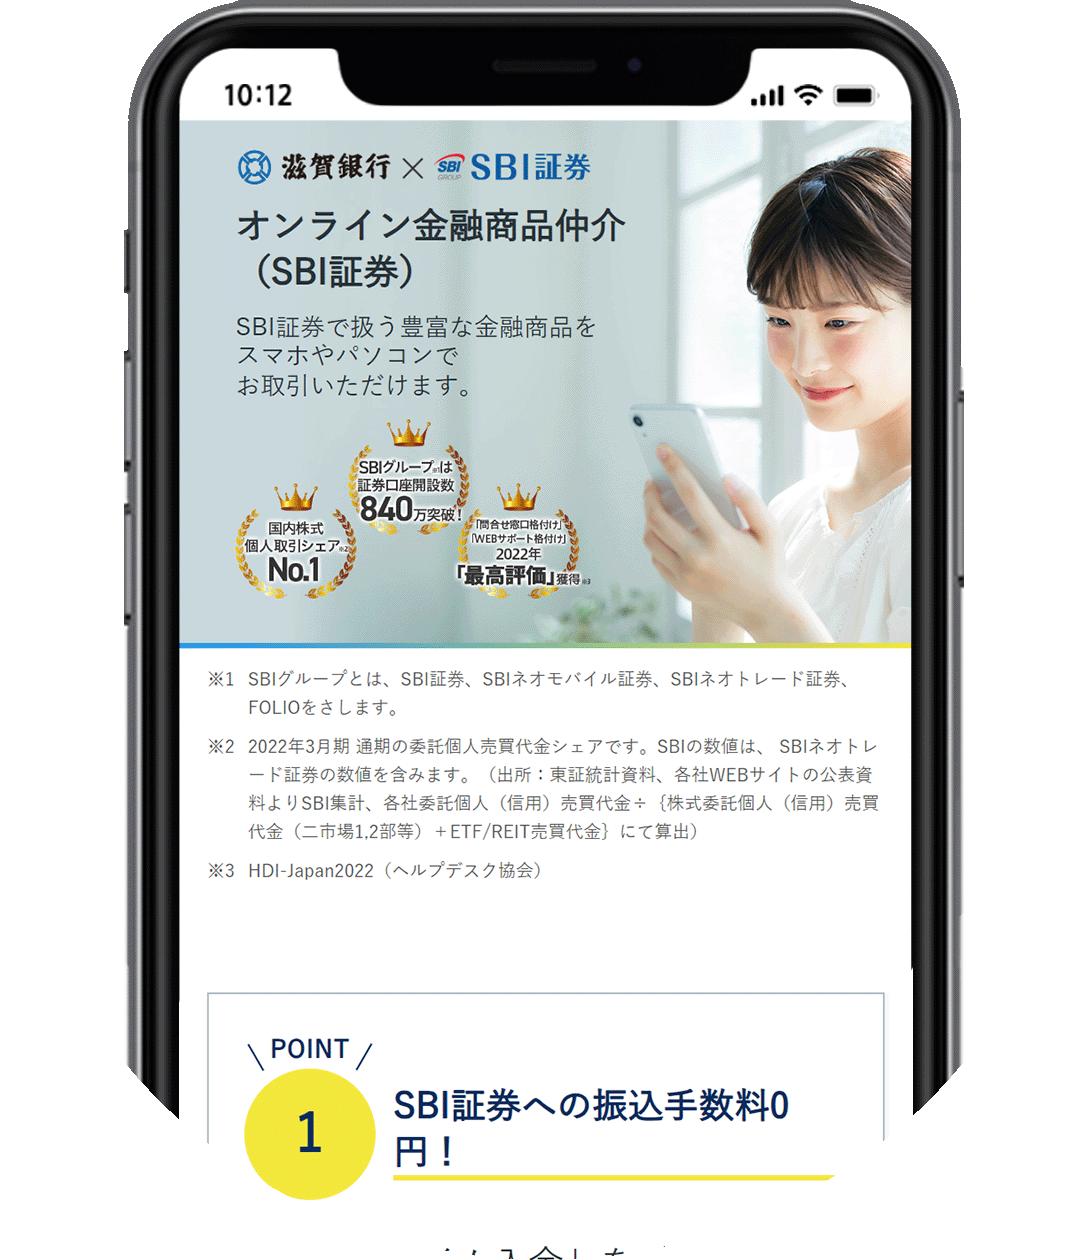 営業 時間 銀行 滋賀 新型コロナ:関西地銀、昼休み導入で営業短縮 コロナ対策